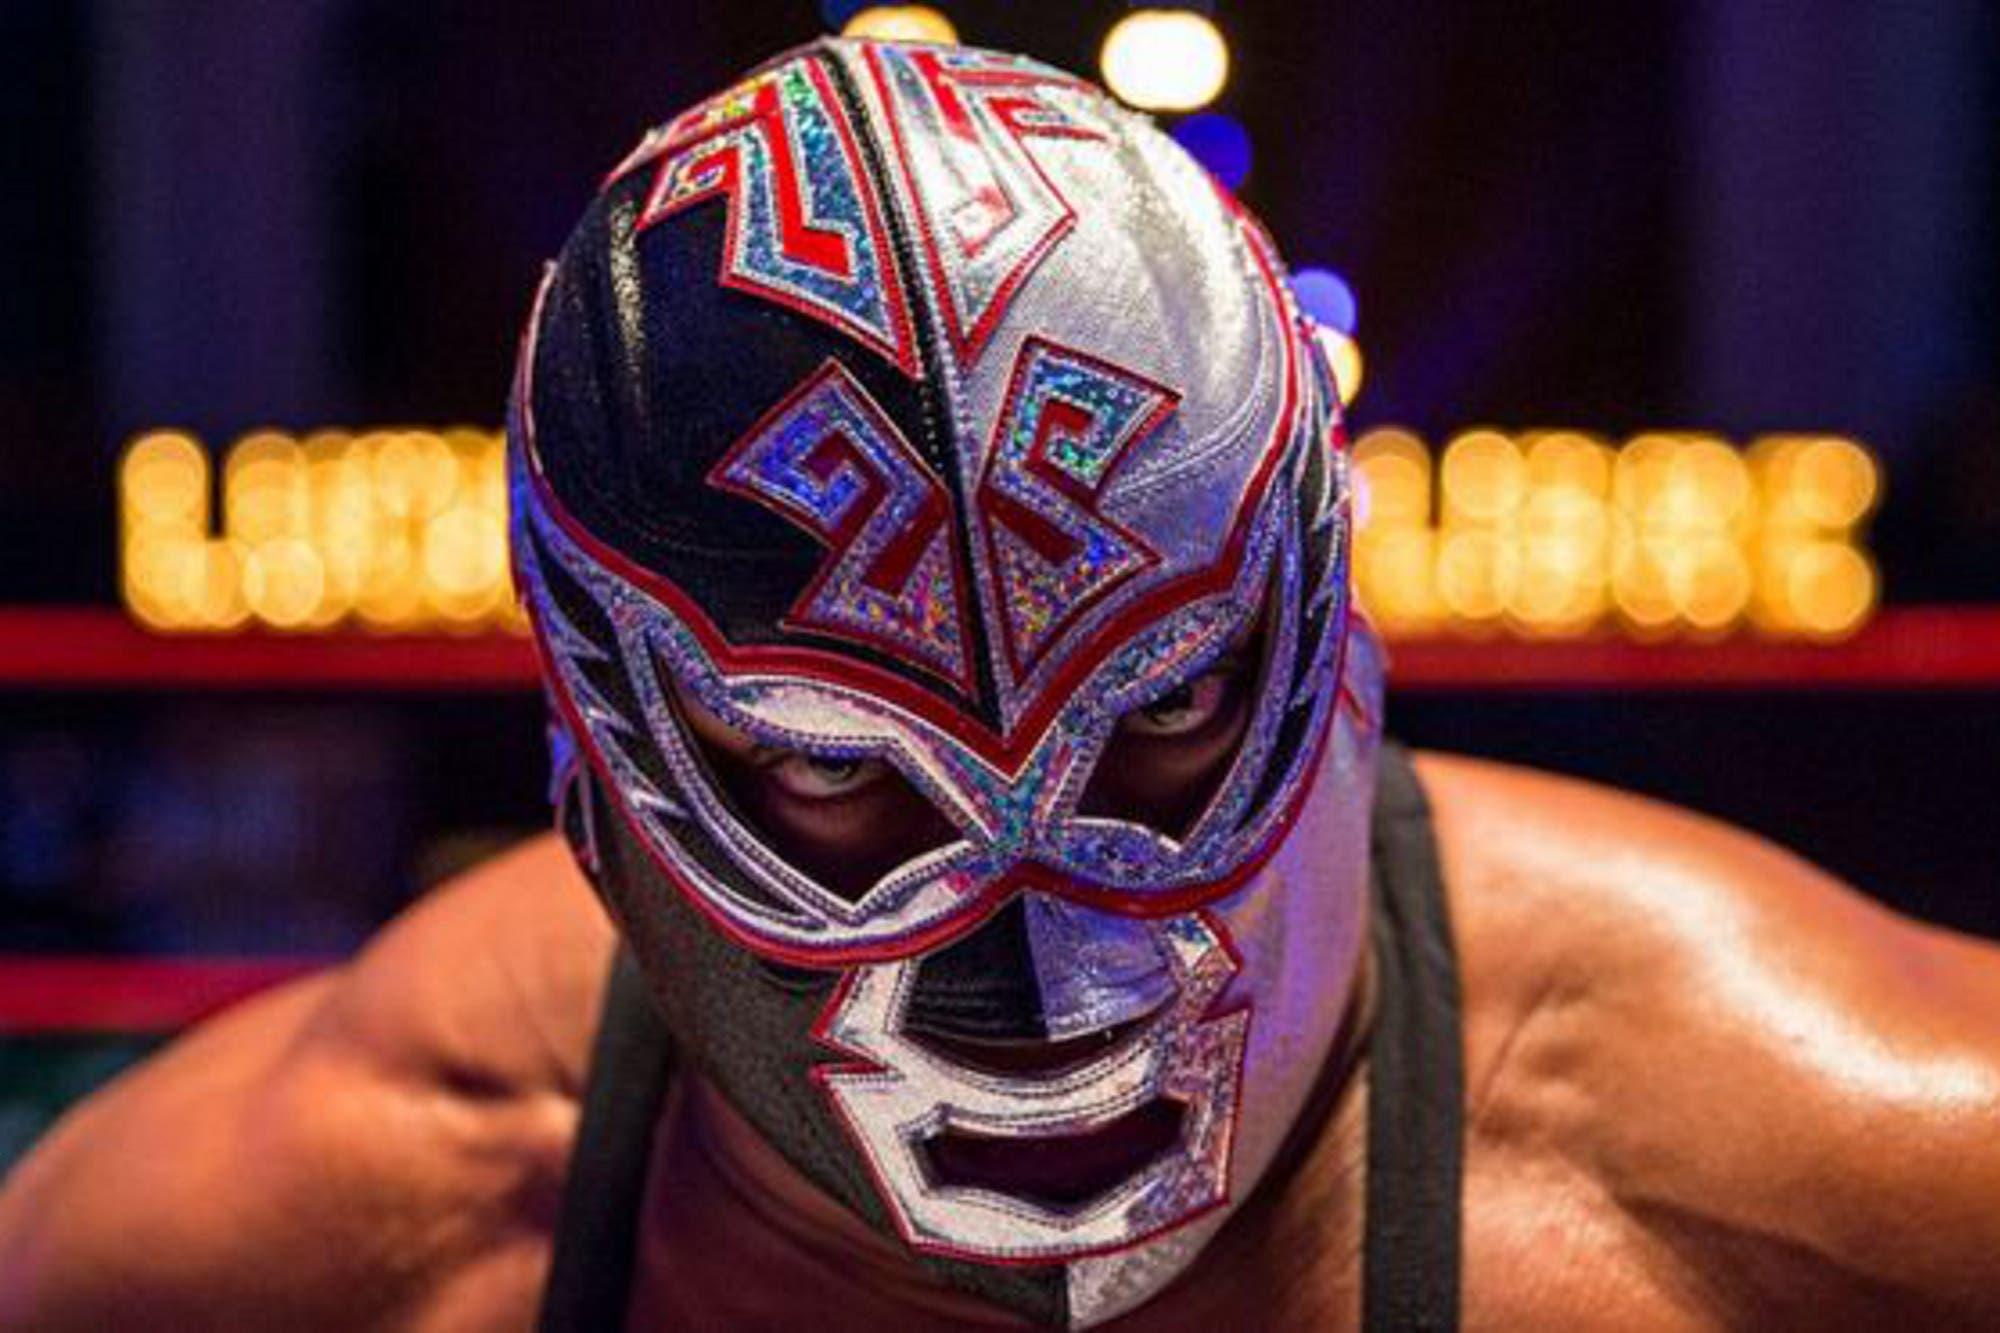 Silver King: murió el legendario luchador mexicano en el ring, durante una pelea en Londres